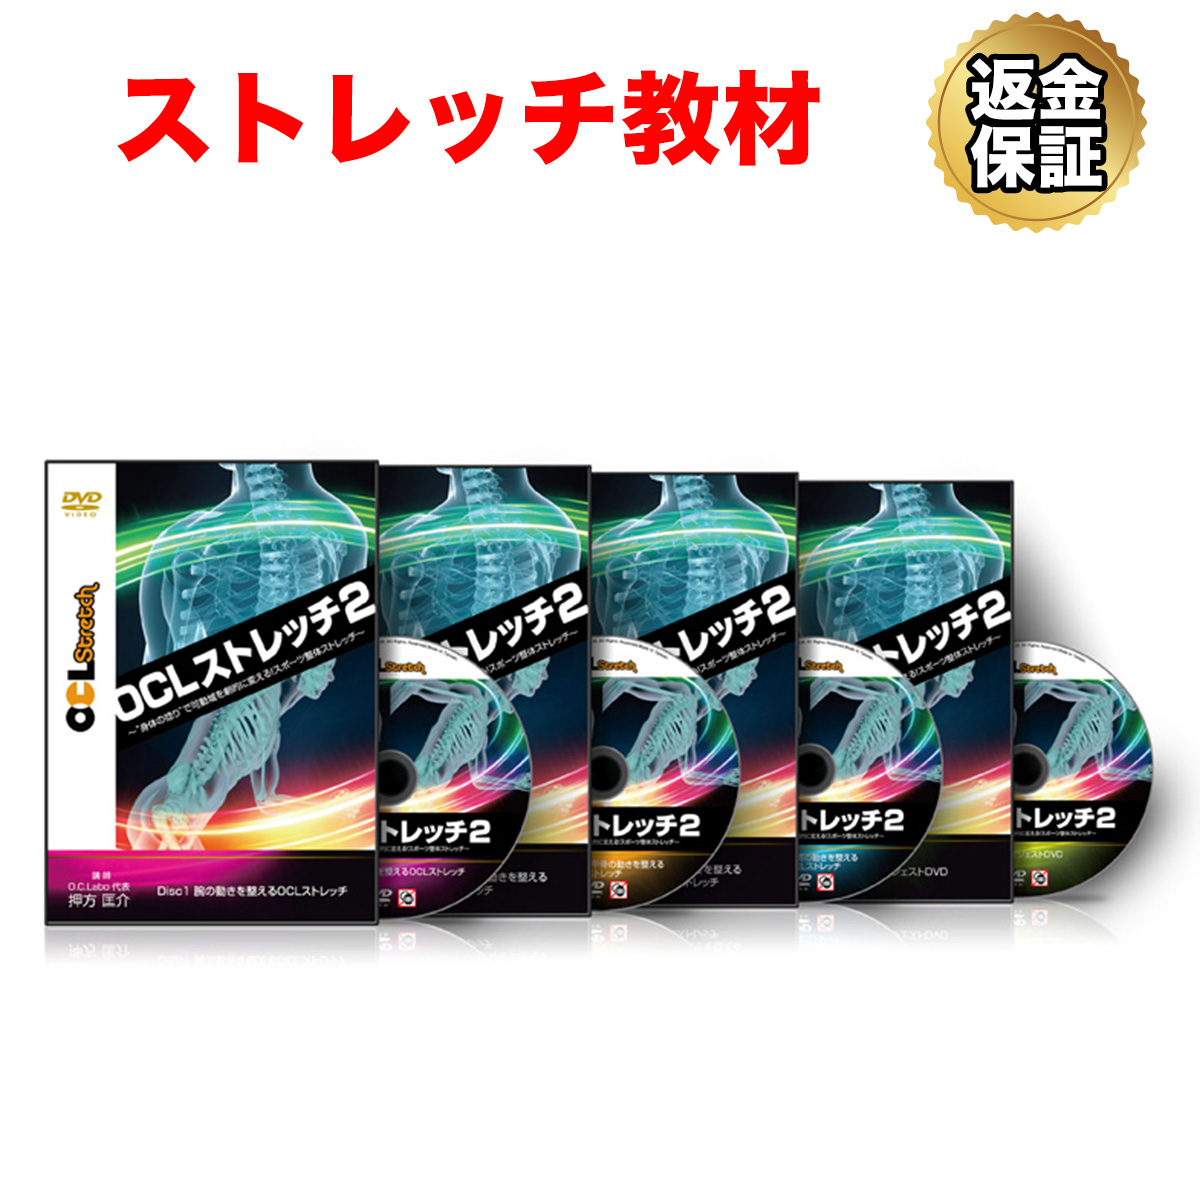 ストレッチ 教材 DVD OCLストレッチ2~身体の捻りで可動域を劇的に変える!スポーツ整体ストレッチ~